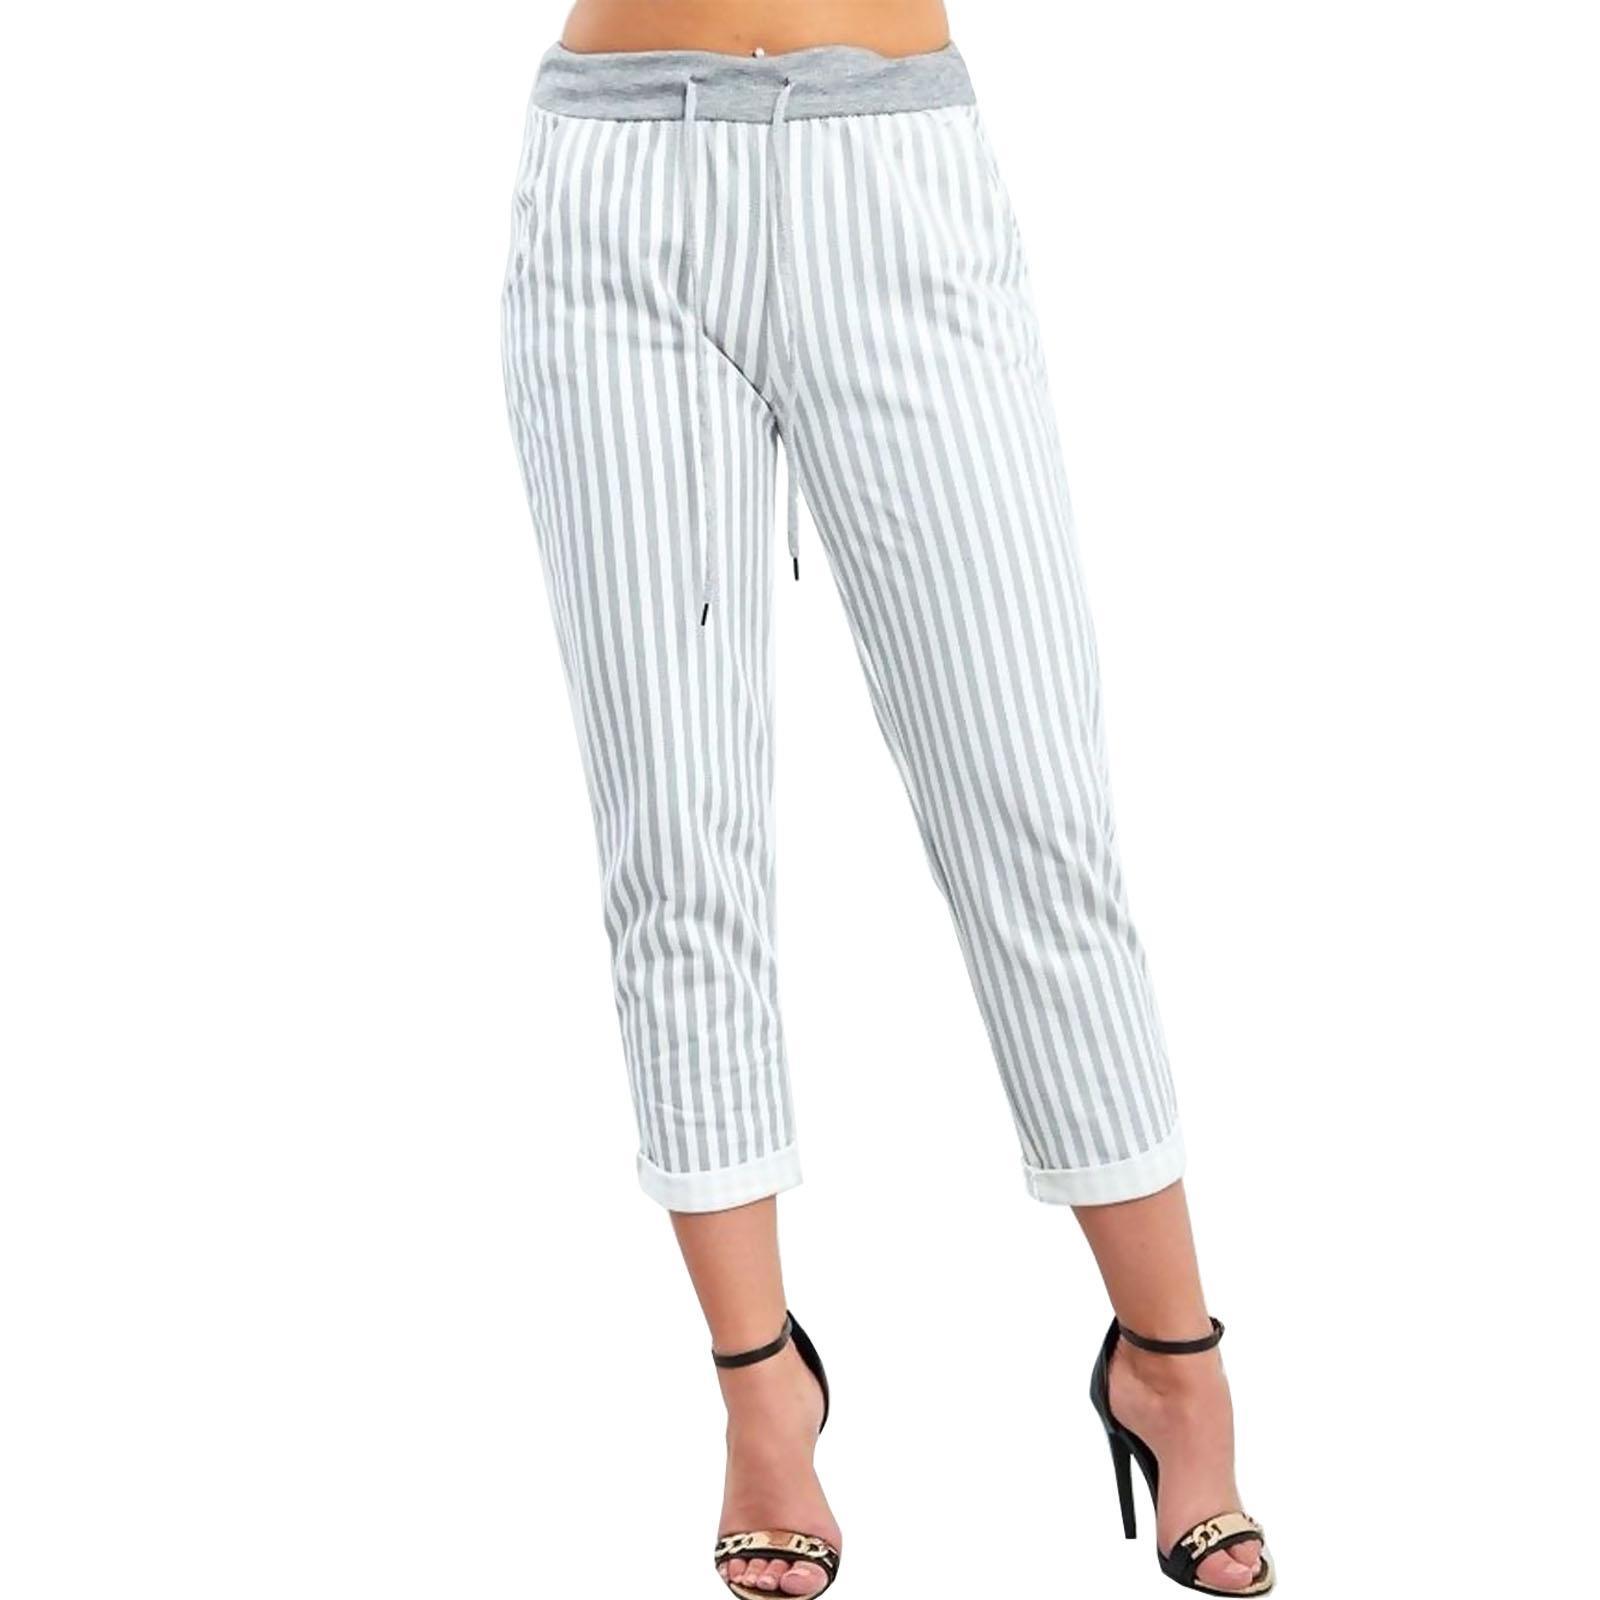 Womens Turn Up Loose Fit Cropped Hoop Trouser Ladies Tartan Stripes Pants Bottom